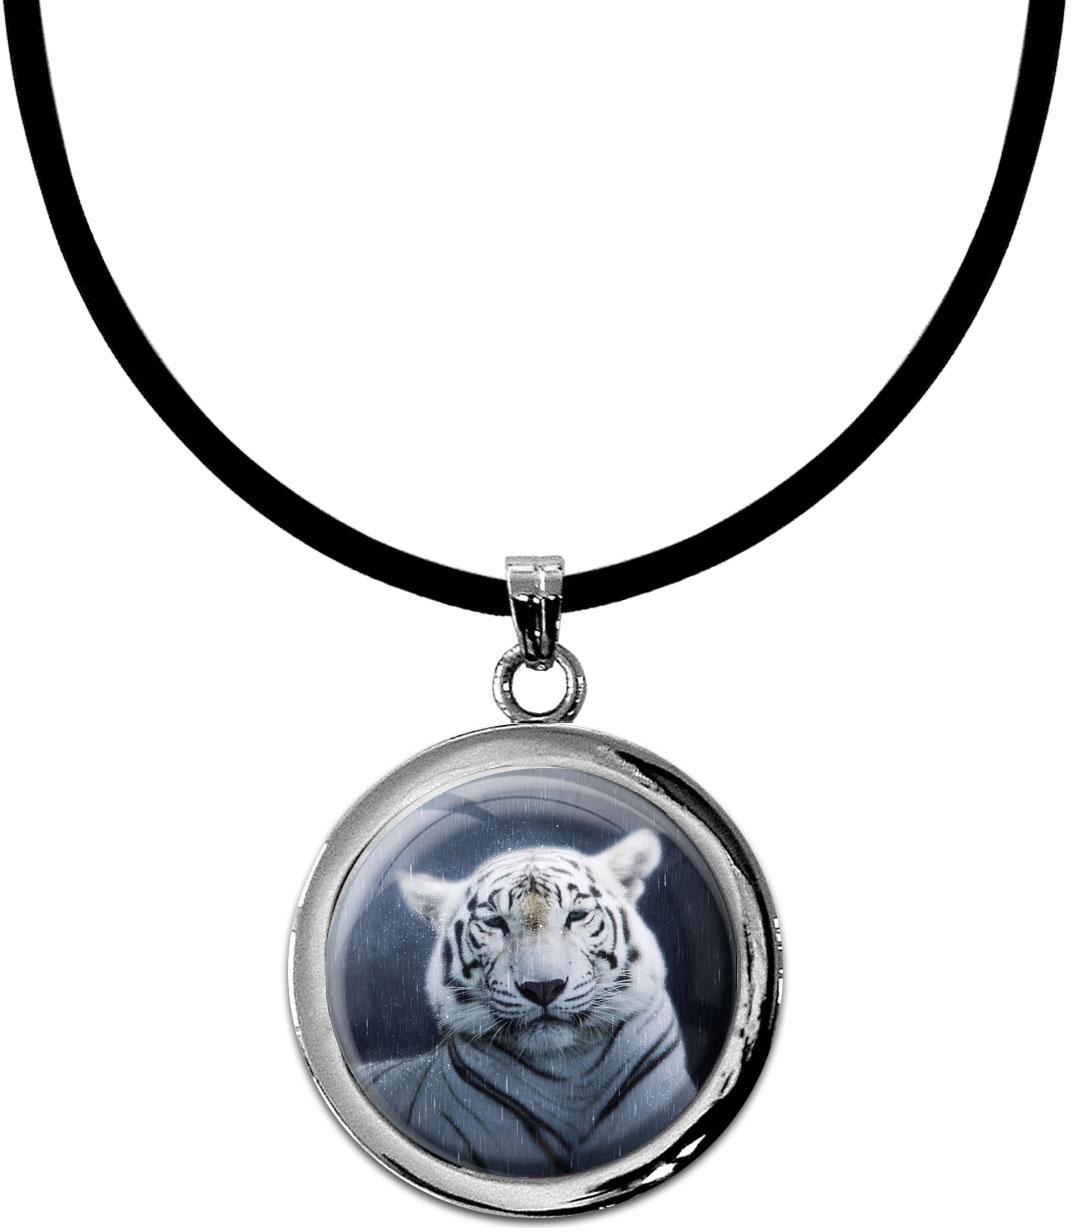 Kettenanhänger / Tiger / Raubtiere / Wildkatzen